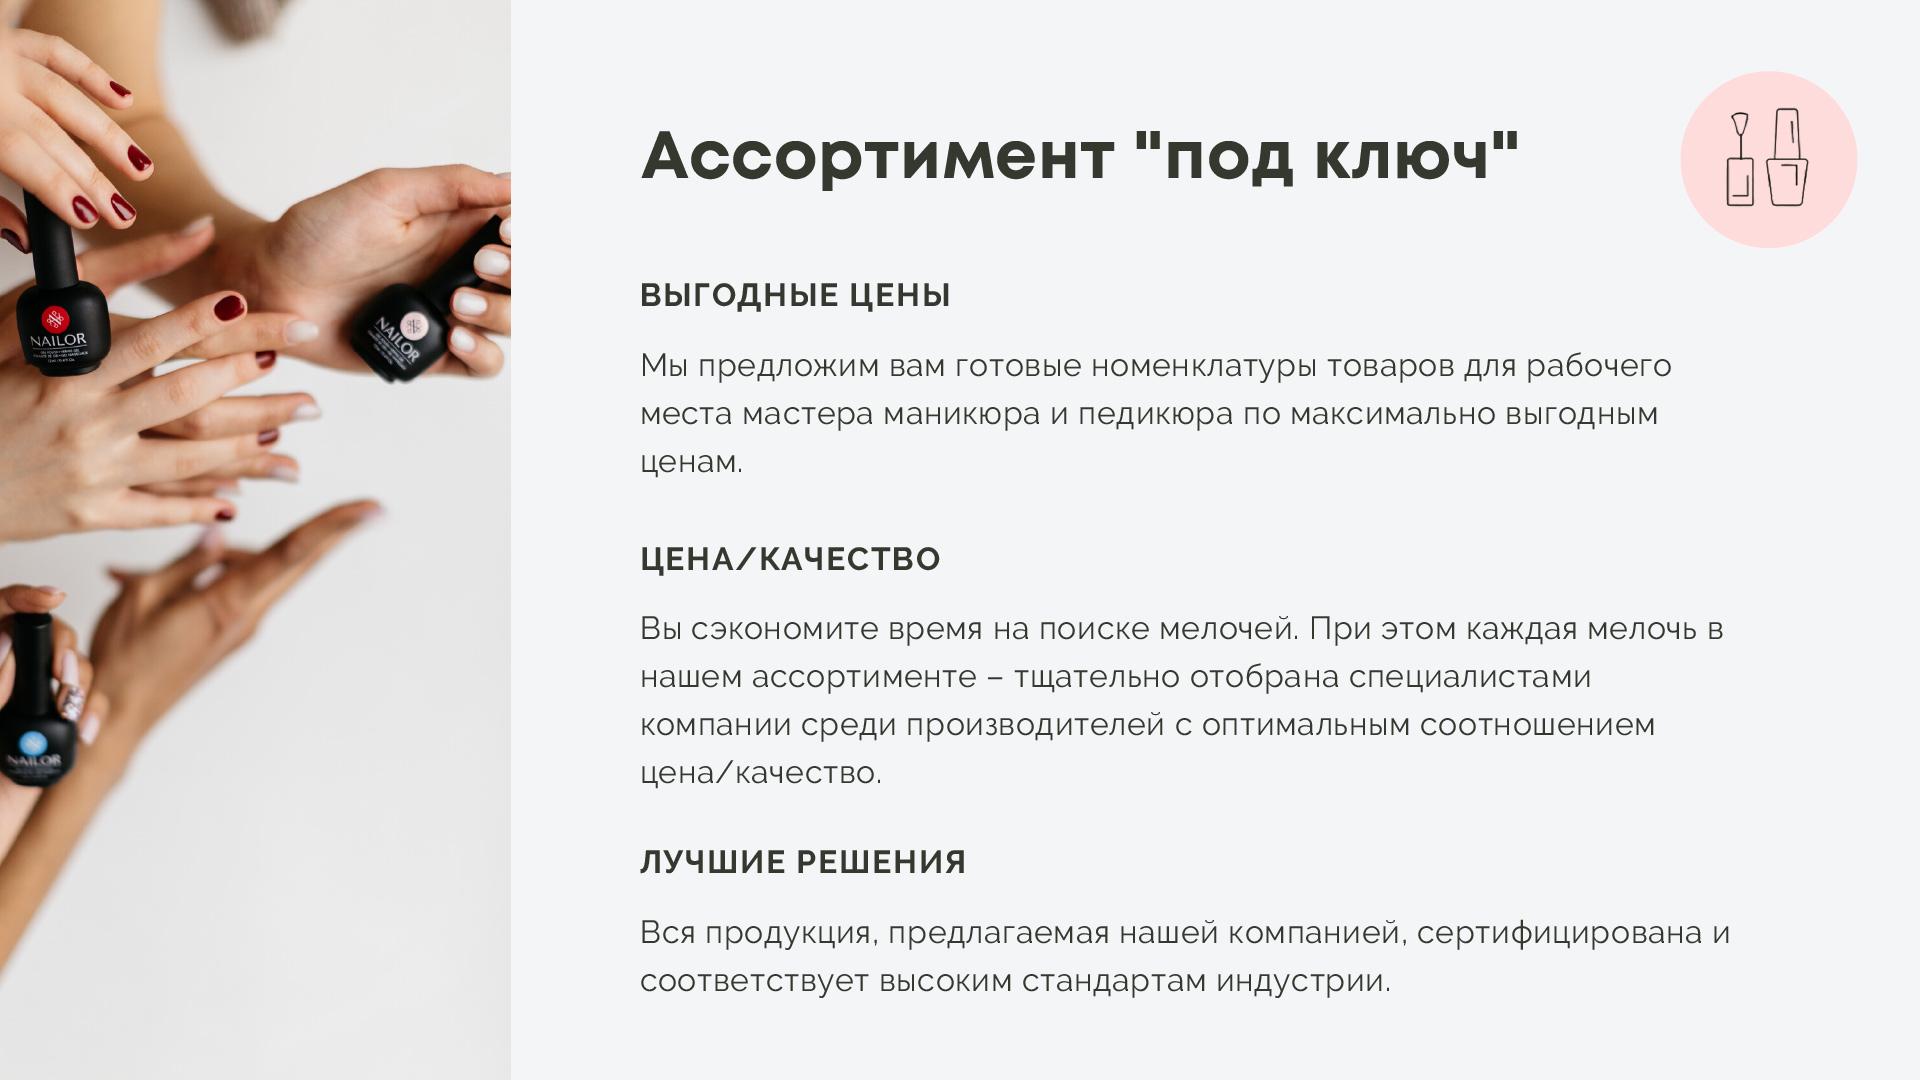 Информация о компании Nail Goods - 8